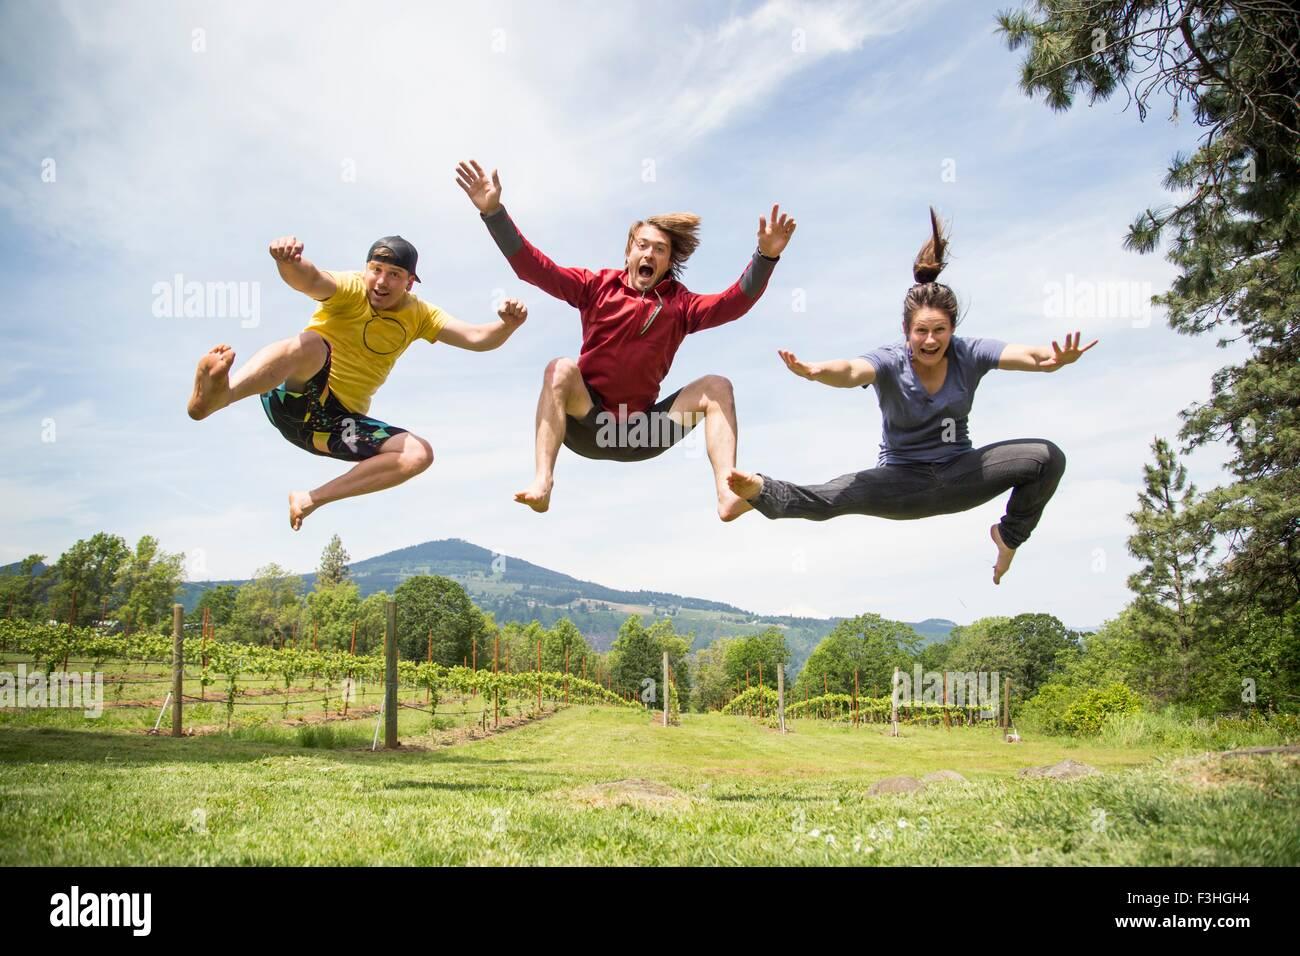 Tres adultos saltar en el entorno rural, el aire, la risa Imagen De Stock